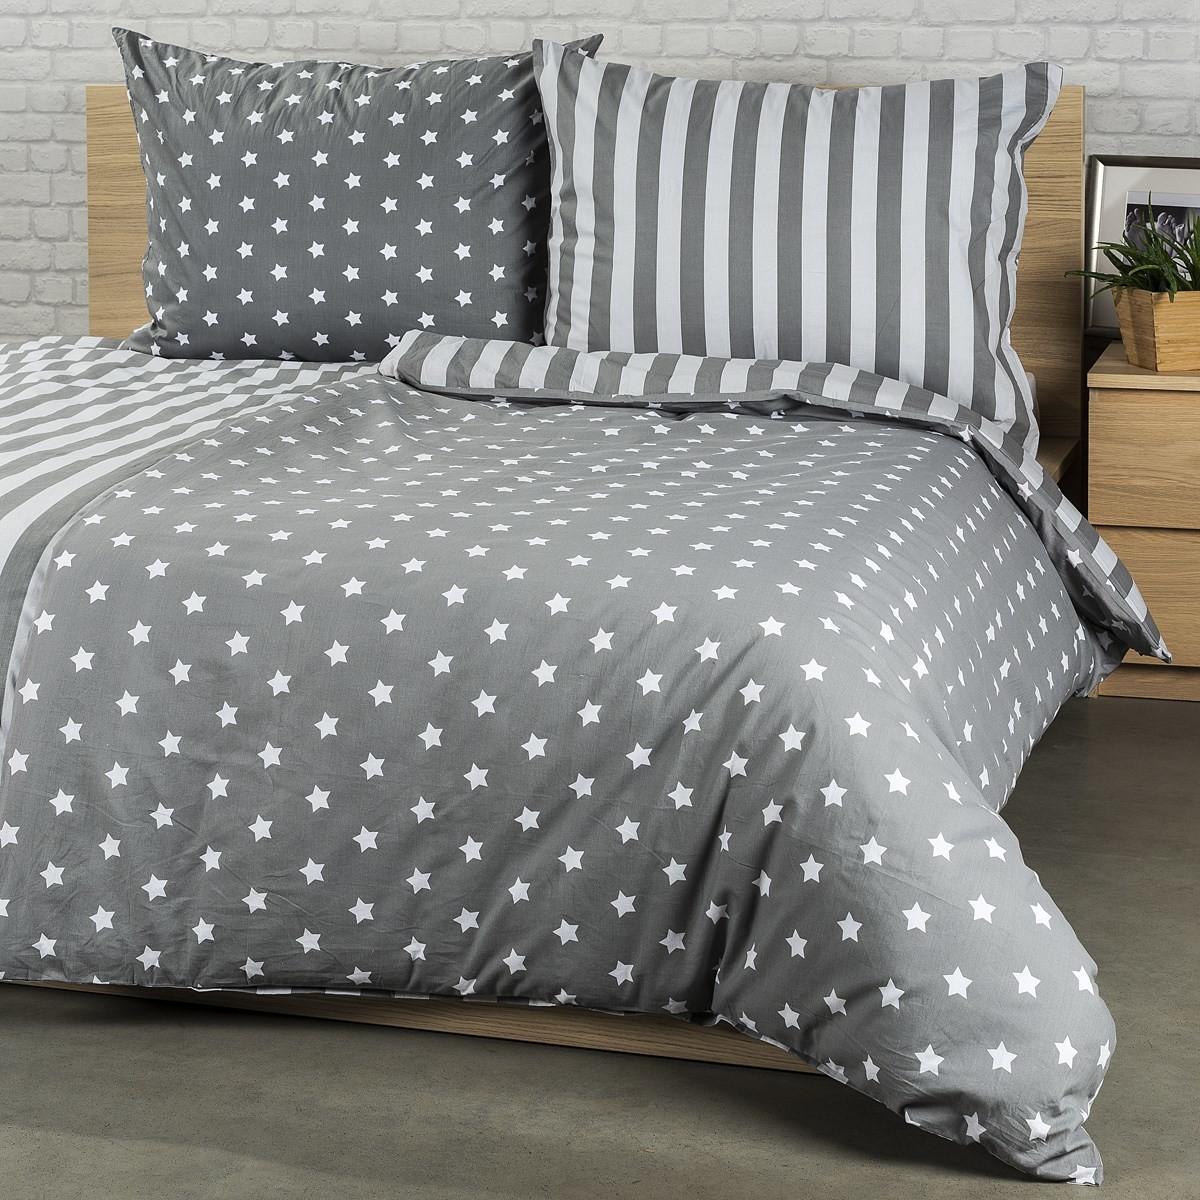 4Home Pościel bawełniana Stars szary, 160x200 cm, 70x80 cm